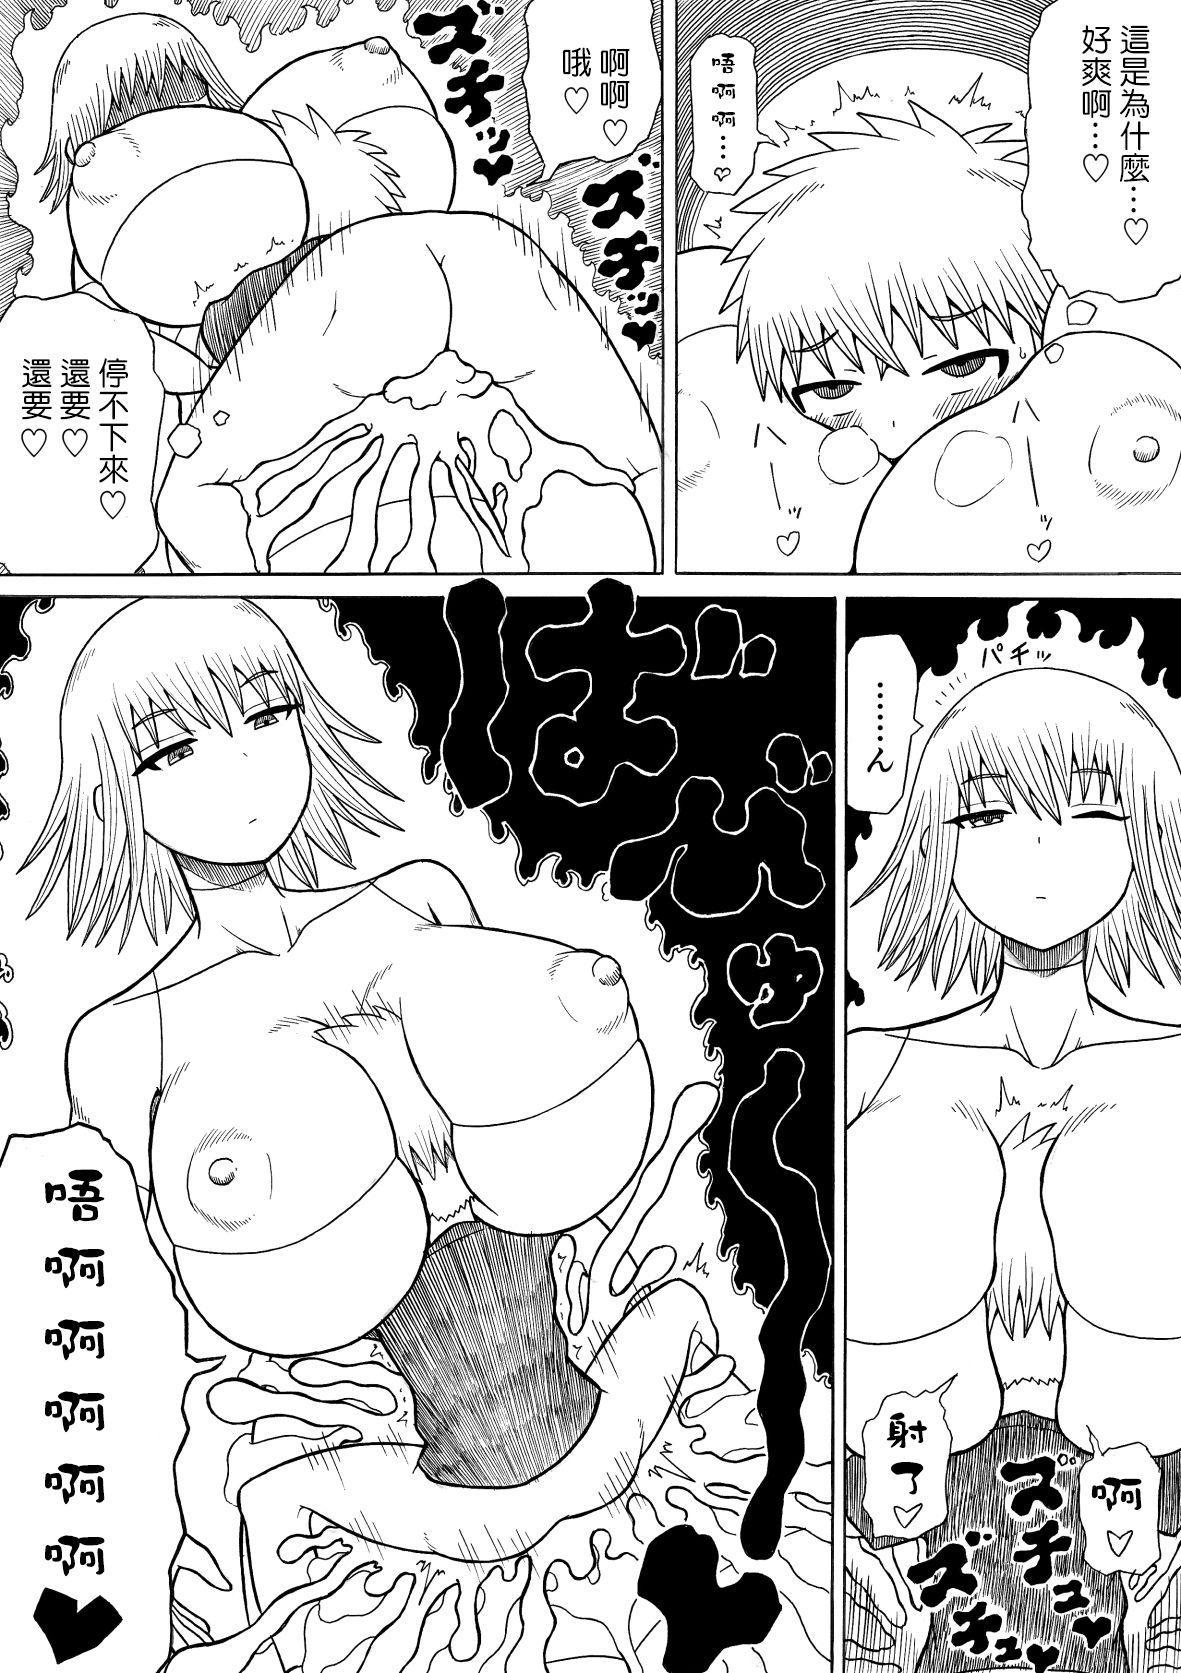 [Saga no Tame no Saga (Ratoo)] Hero haiboku ~ hajimari to owari ~ | 英雄敗北 ~起始與完結~ [Chinese] [沒有漢化] 31